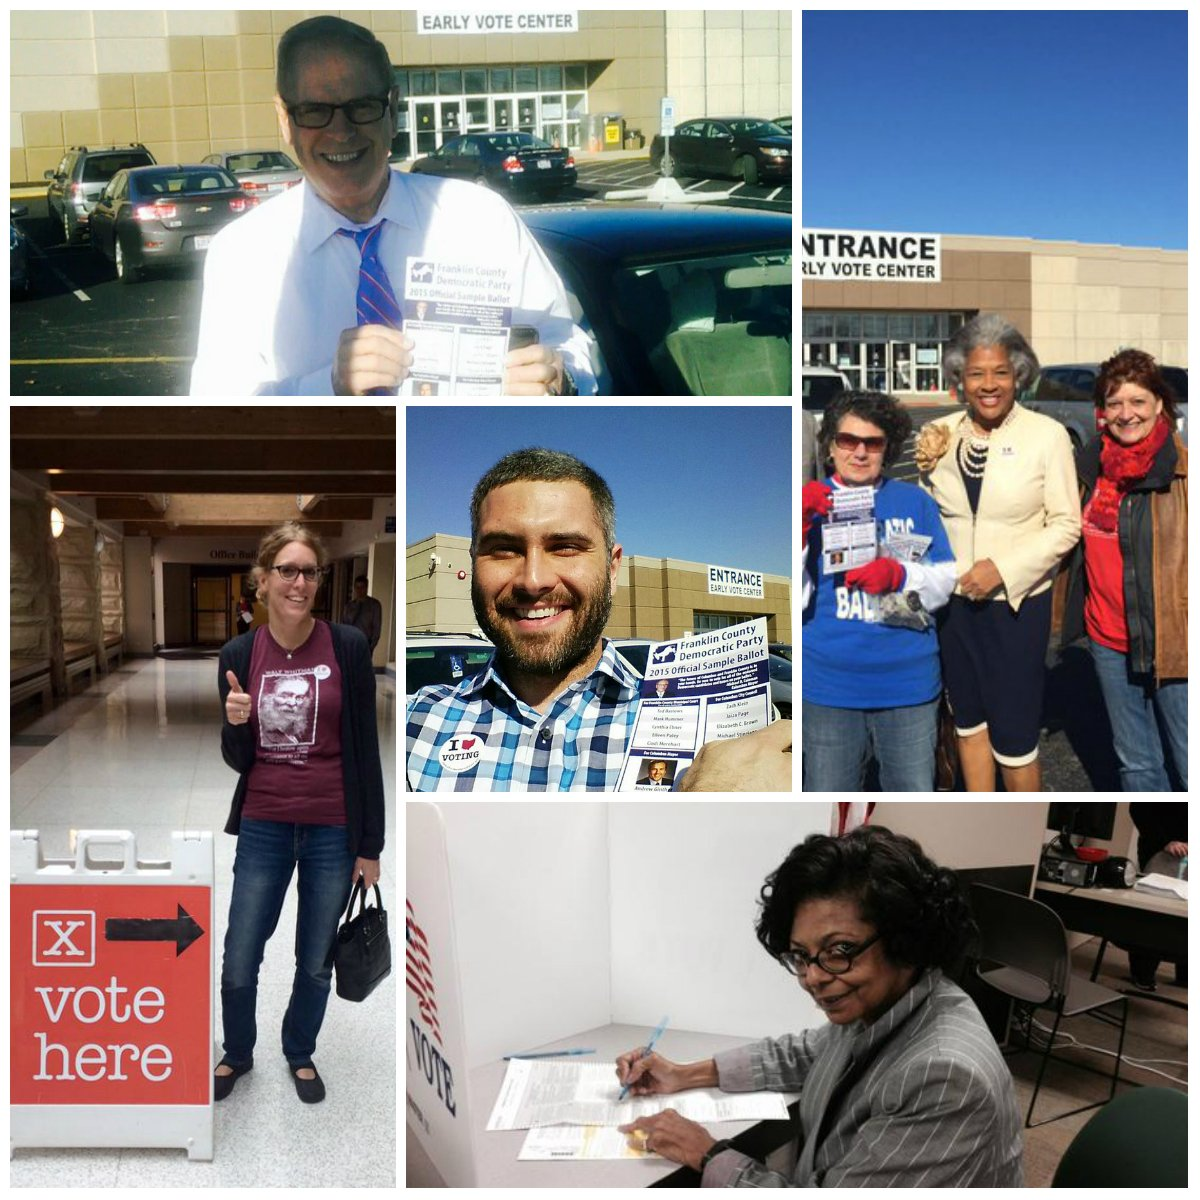 Voting information oak creek franklin joint school district.